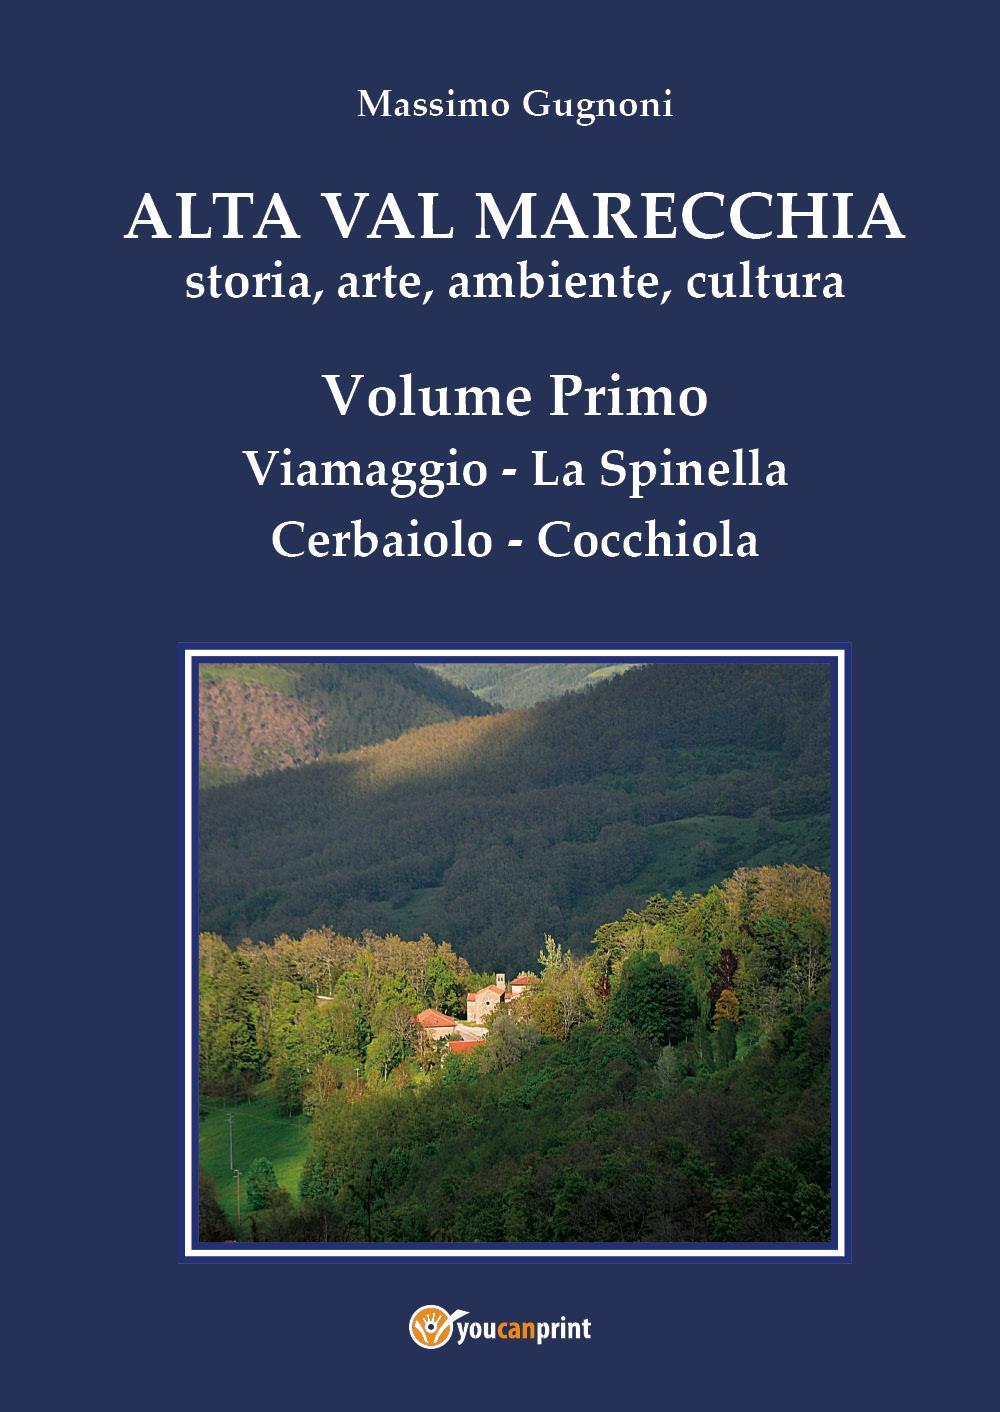 Alta val Marecchia - Storia, arte, ambiente, cultura - Volume Primo: Viamaggio, La Spinella, Cerbaiolo, Cocchiola